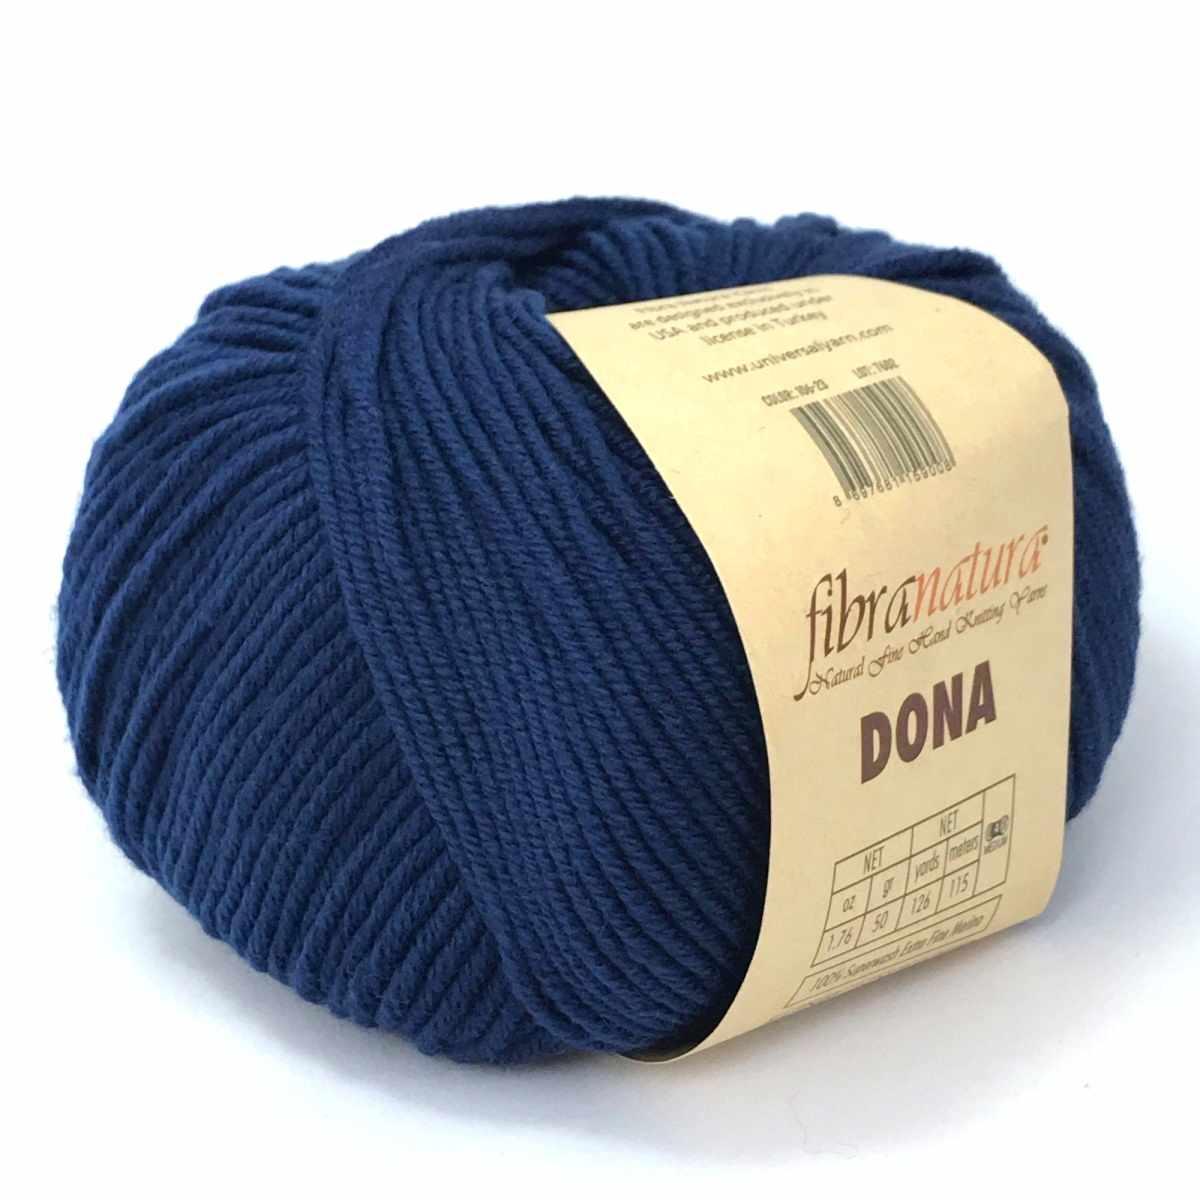 Пряжа Fibra Natura Dona Цвет.10625 Темно синий